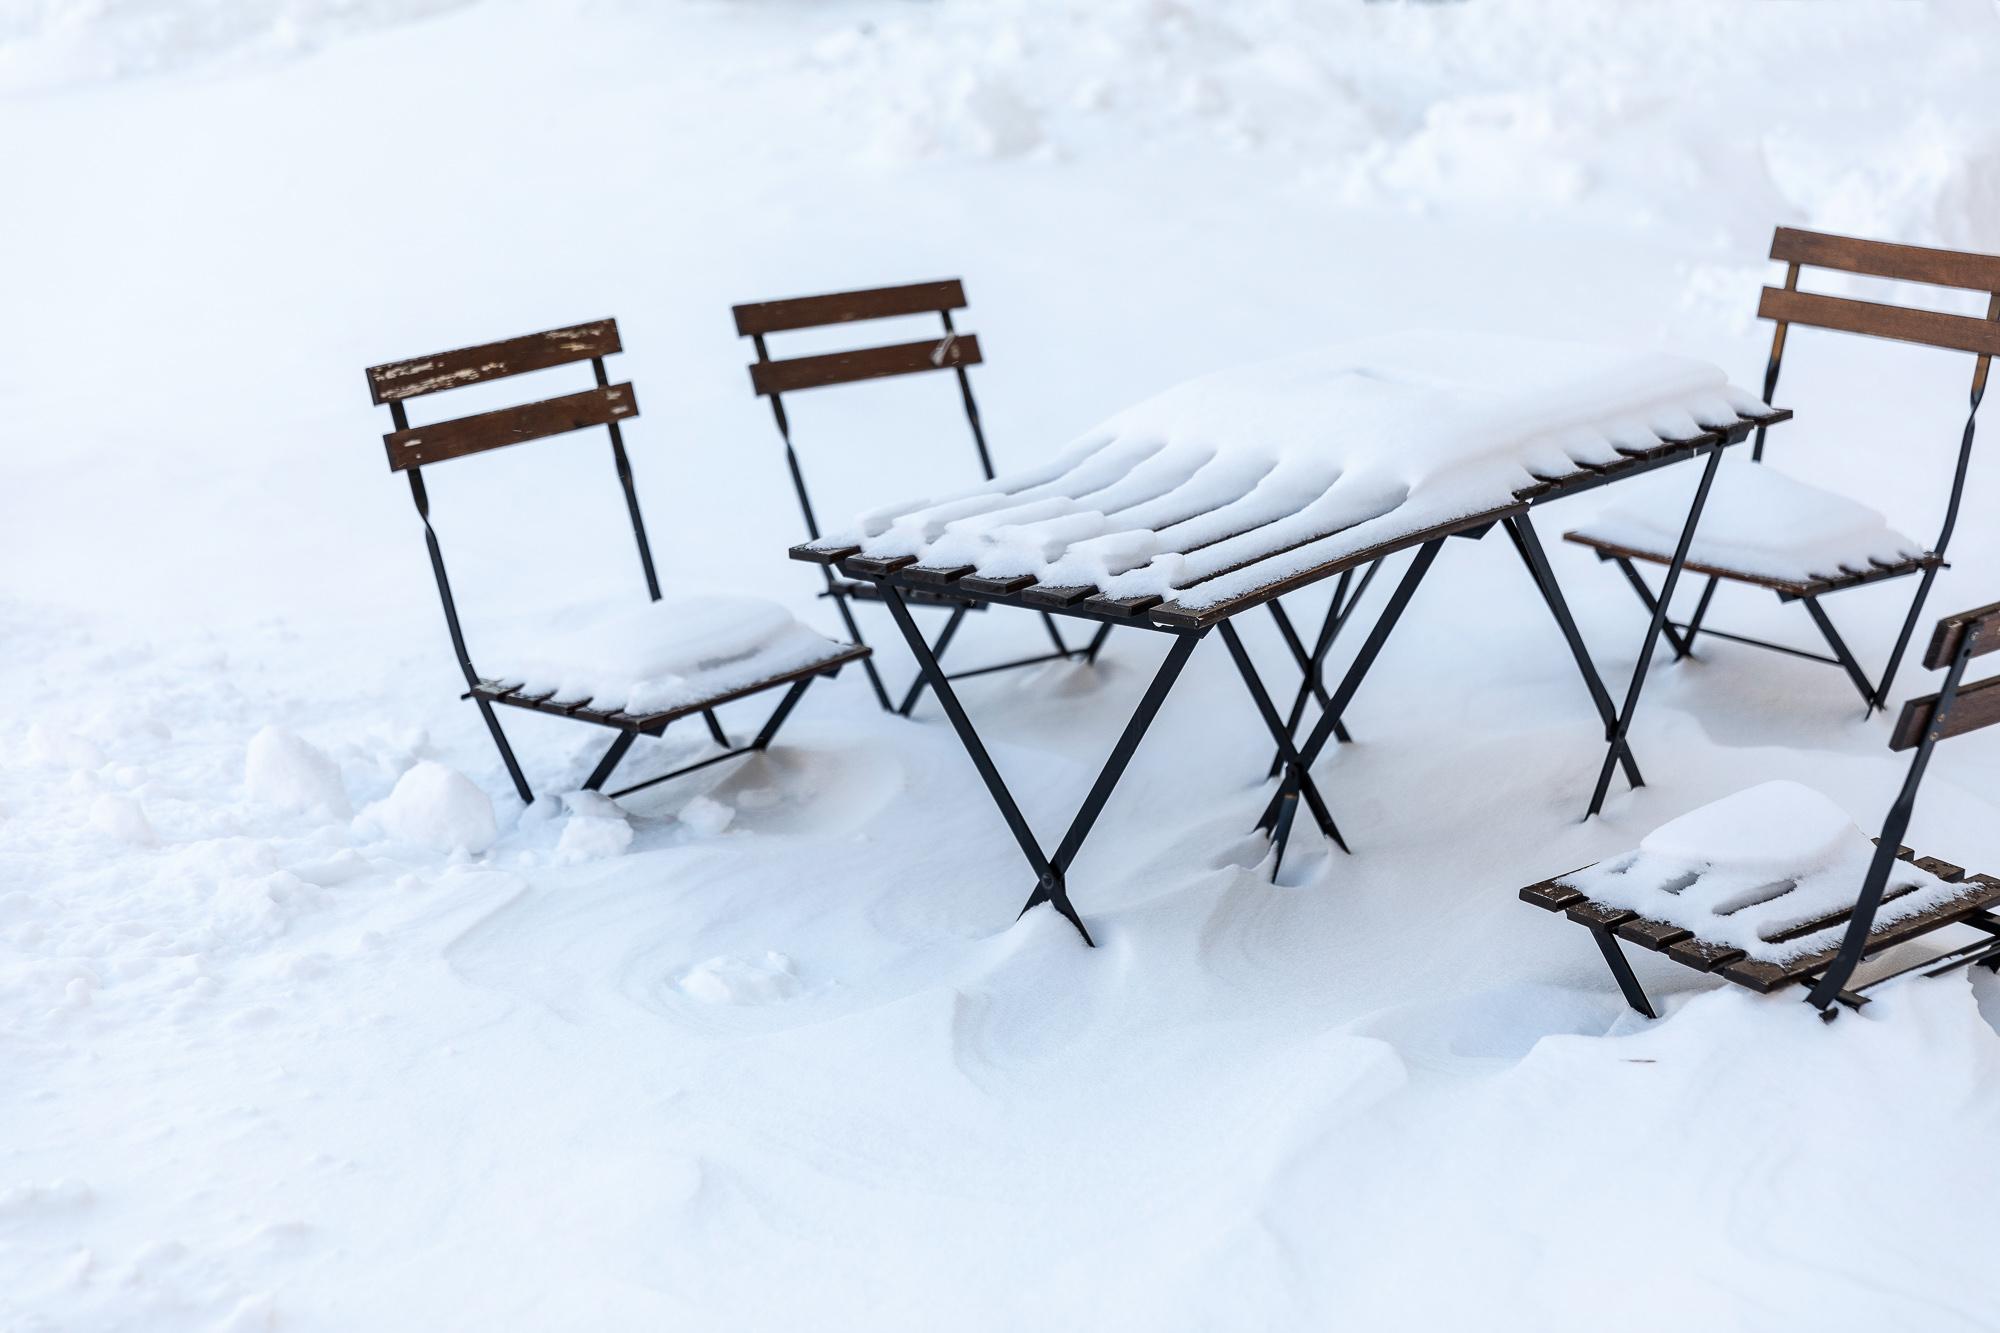 talvi, winter, suomi, finland, visitfinland, finlandphotolovers, luonto, nature, visualaddict, visualaddictfrida, valokuvaaja, photographer, Frida Steiner, Lapinlahden sairaala, Helsinki